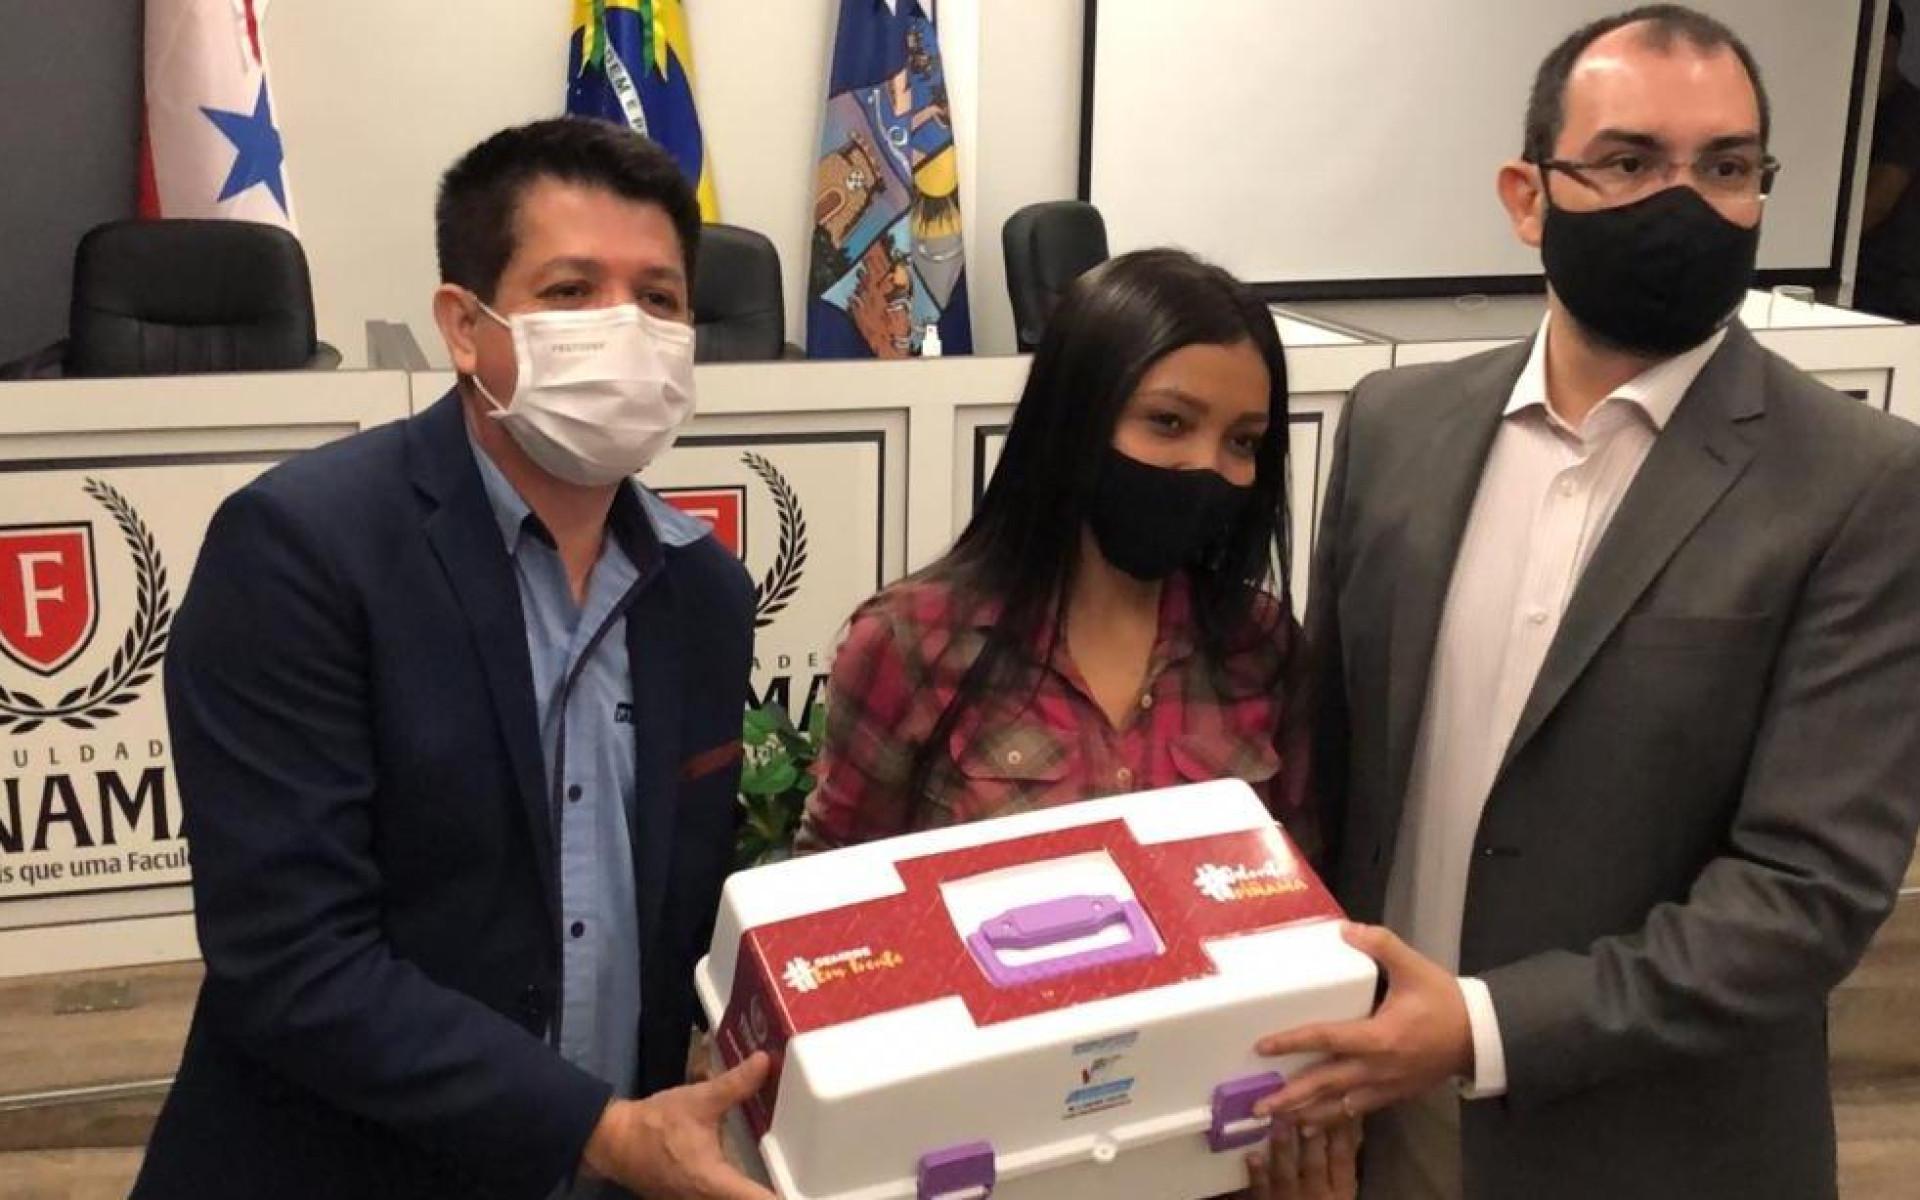 Alunos da FINAMA recebem kit com material para uso prático no curso de odontologia